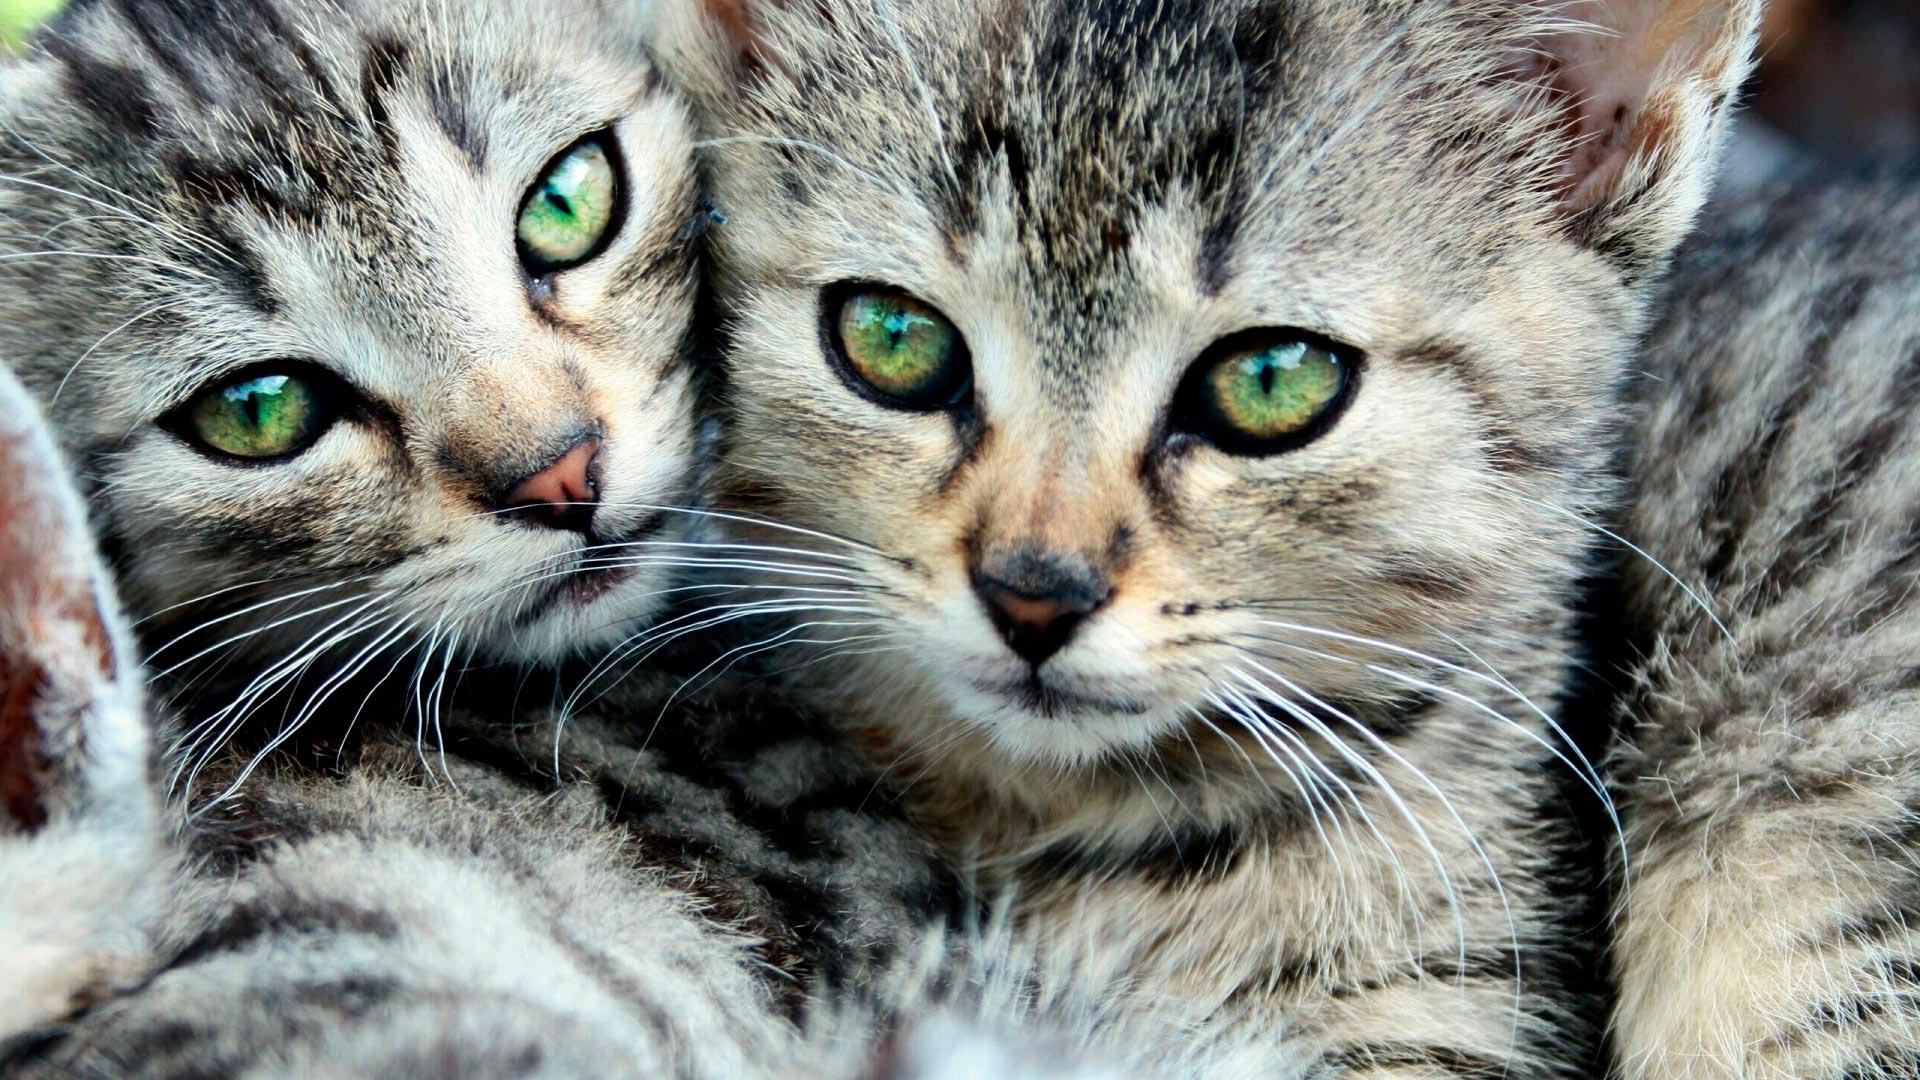 Николаем, картинки прикольных котят на рабочий стол